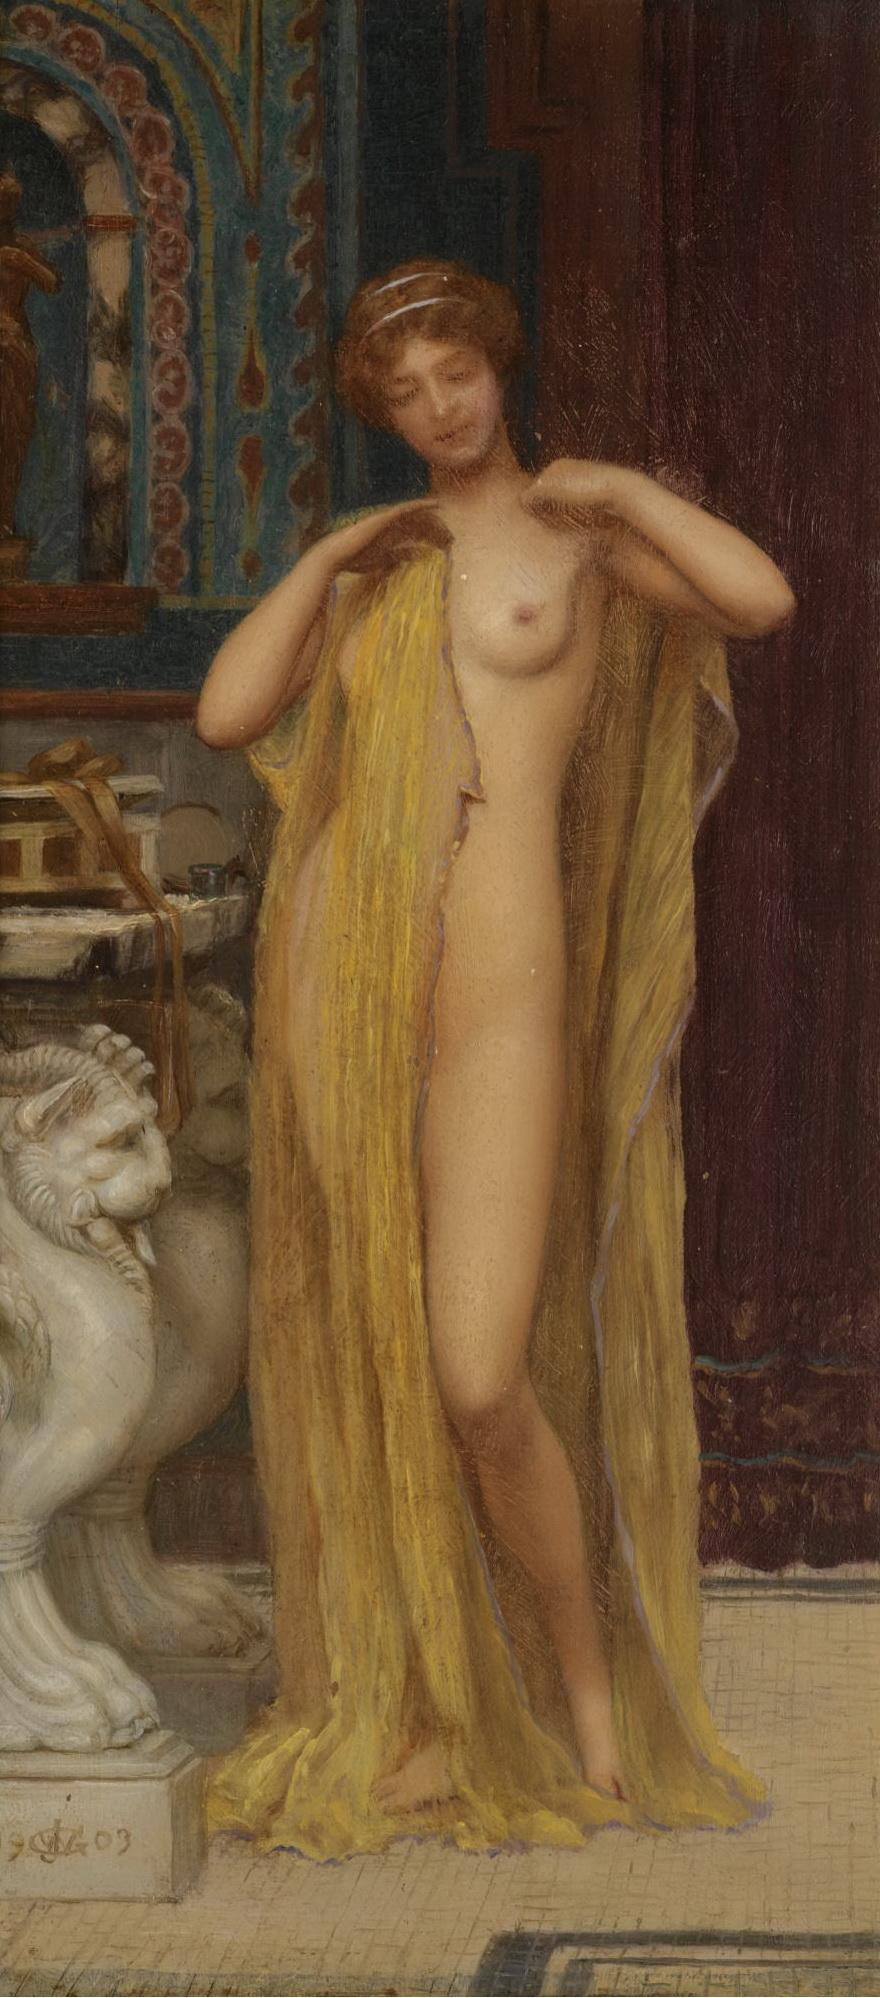 1903_Пирра после купания (Пирра жена Девкалиона, выжившая после потопа, устроенного Зевсом) (29 х 14 см) (ч.с.)